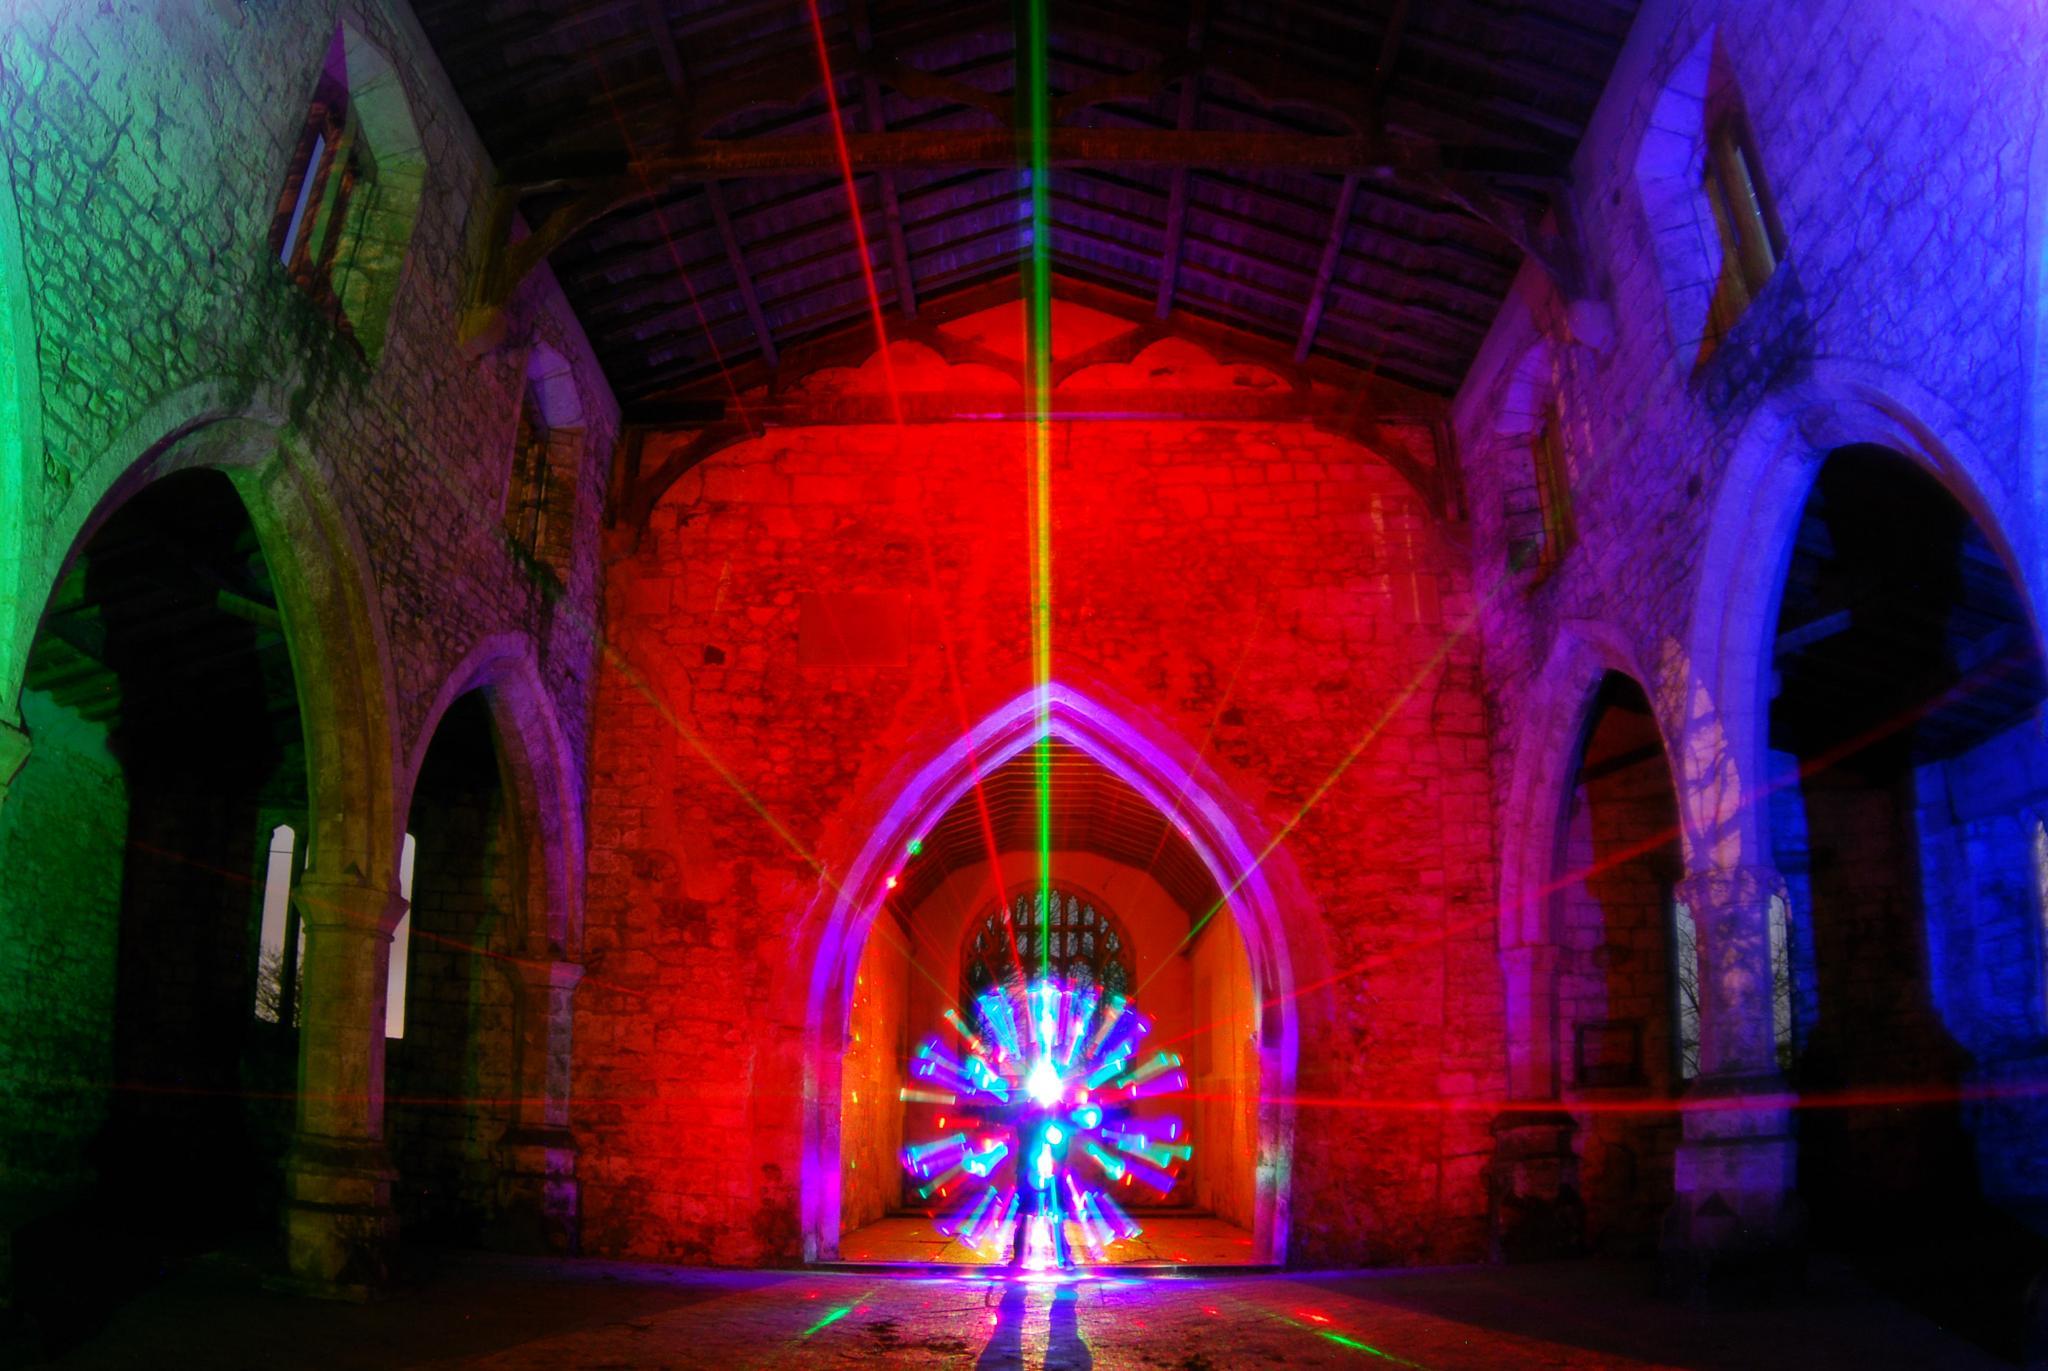 Spiky laser orb in Skidbrooke church by JamesdeLunaLightpainting